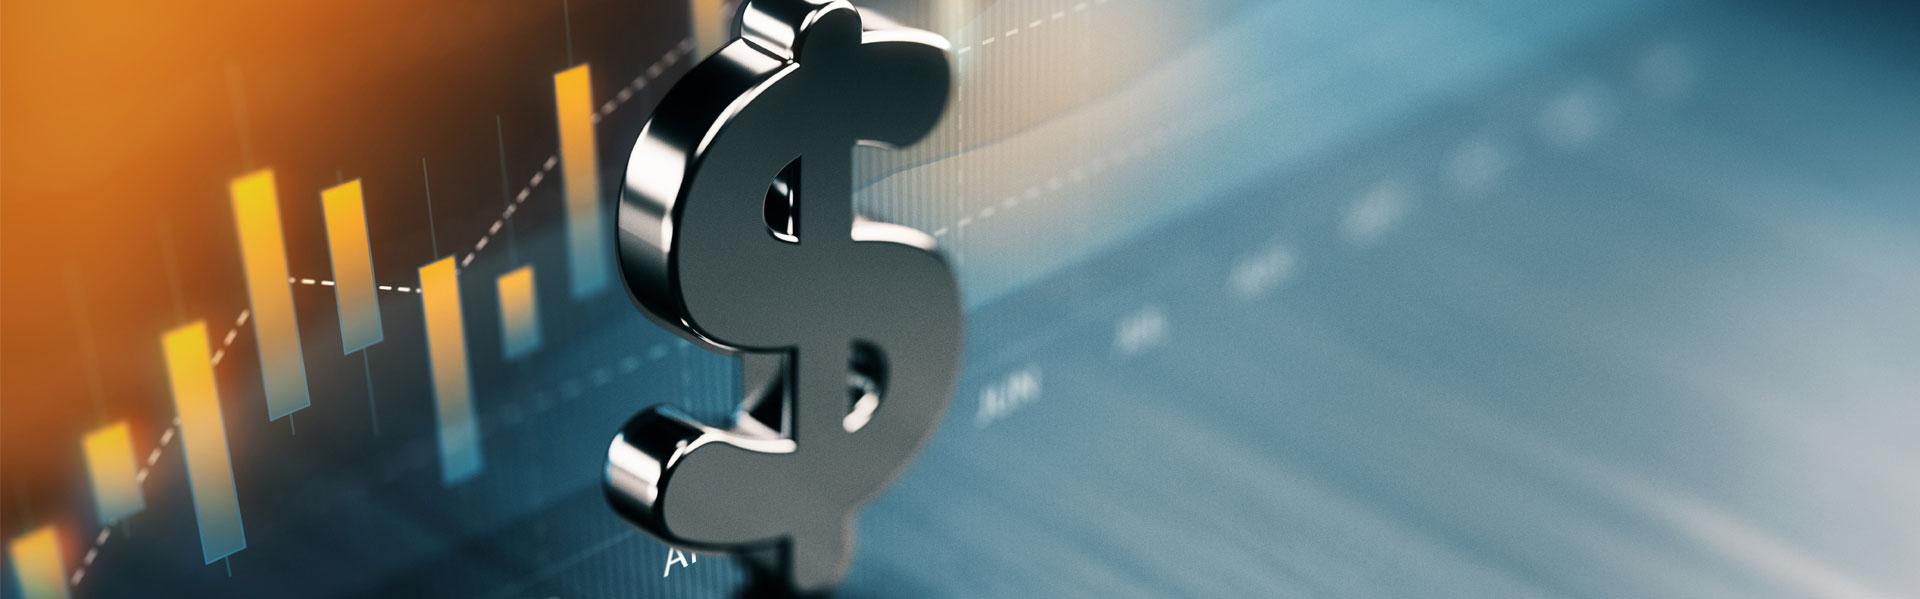 Cuentas de ahorro de IBC Bank